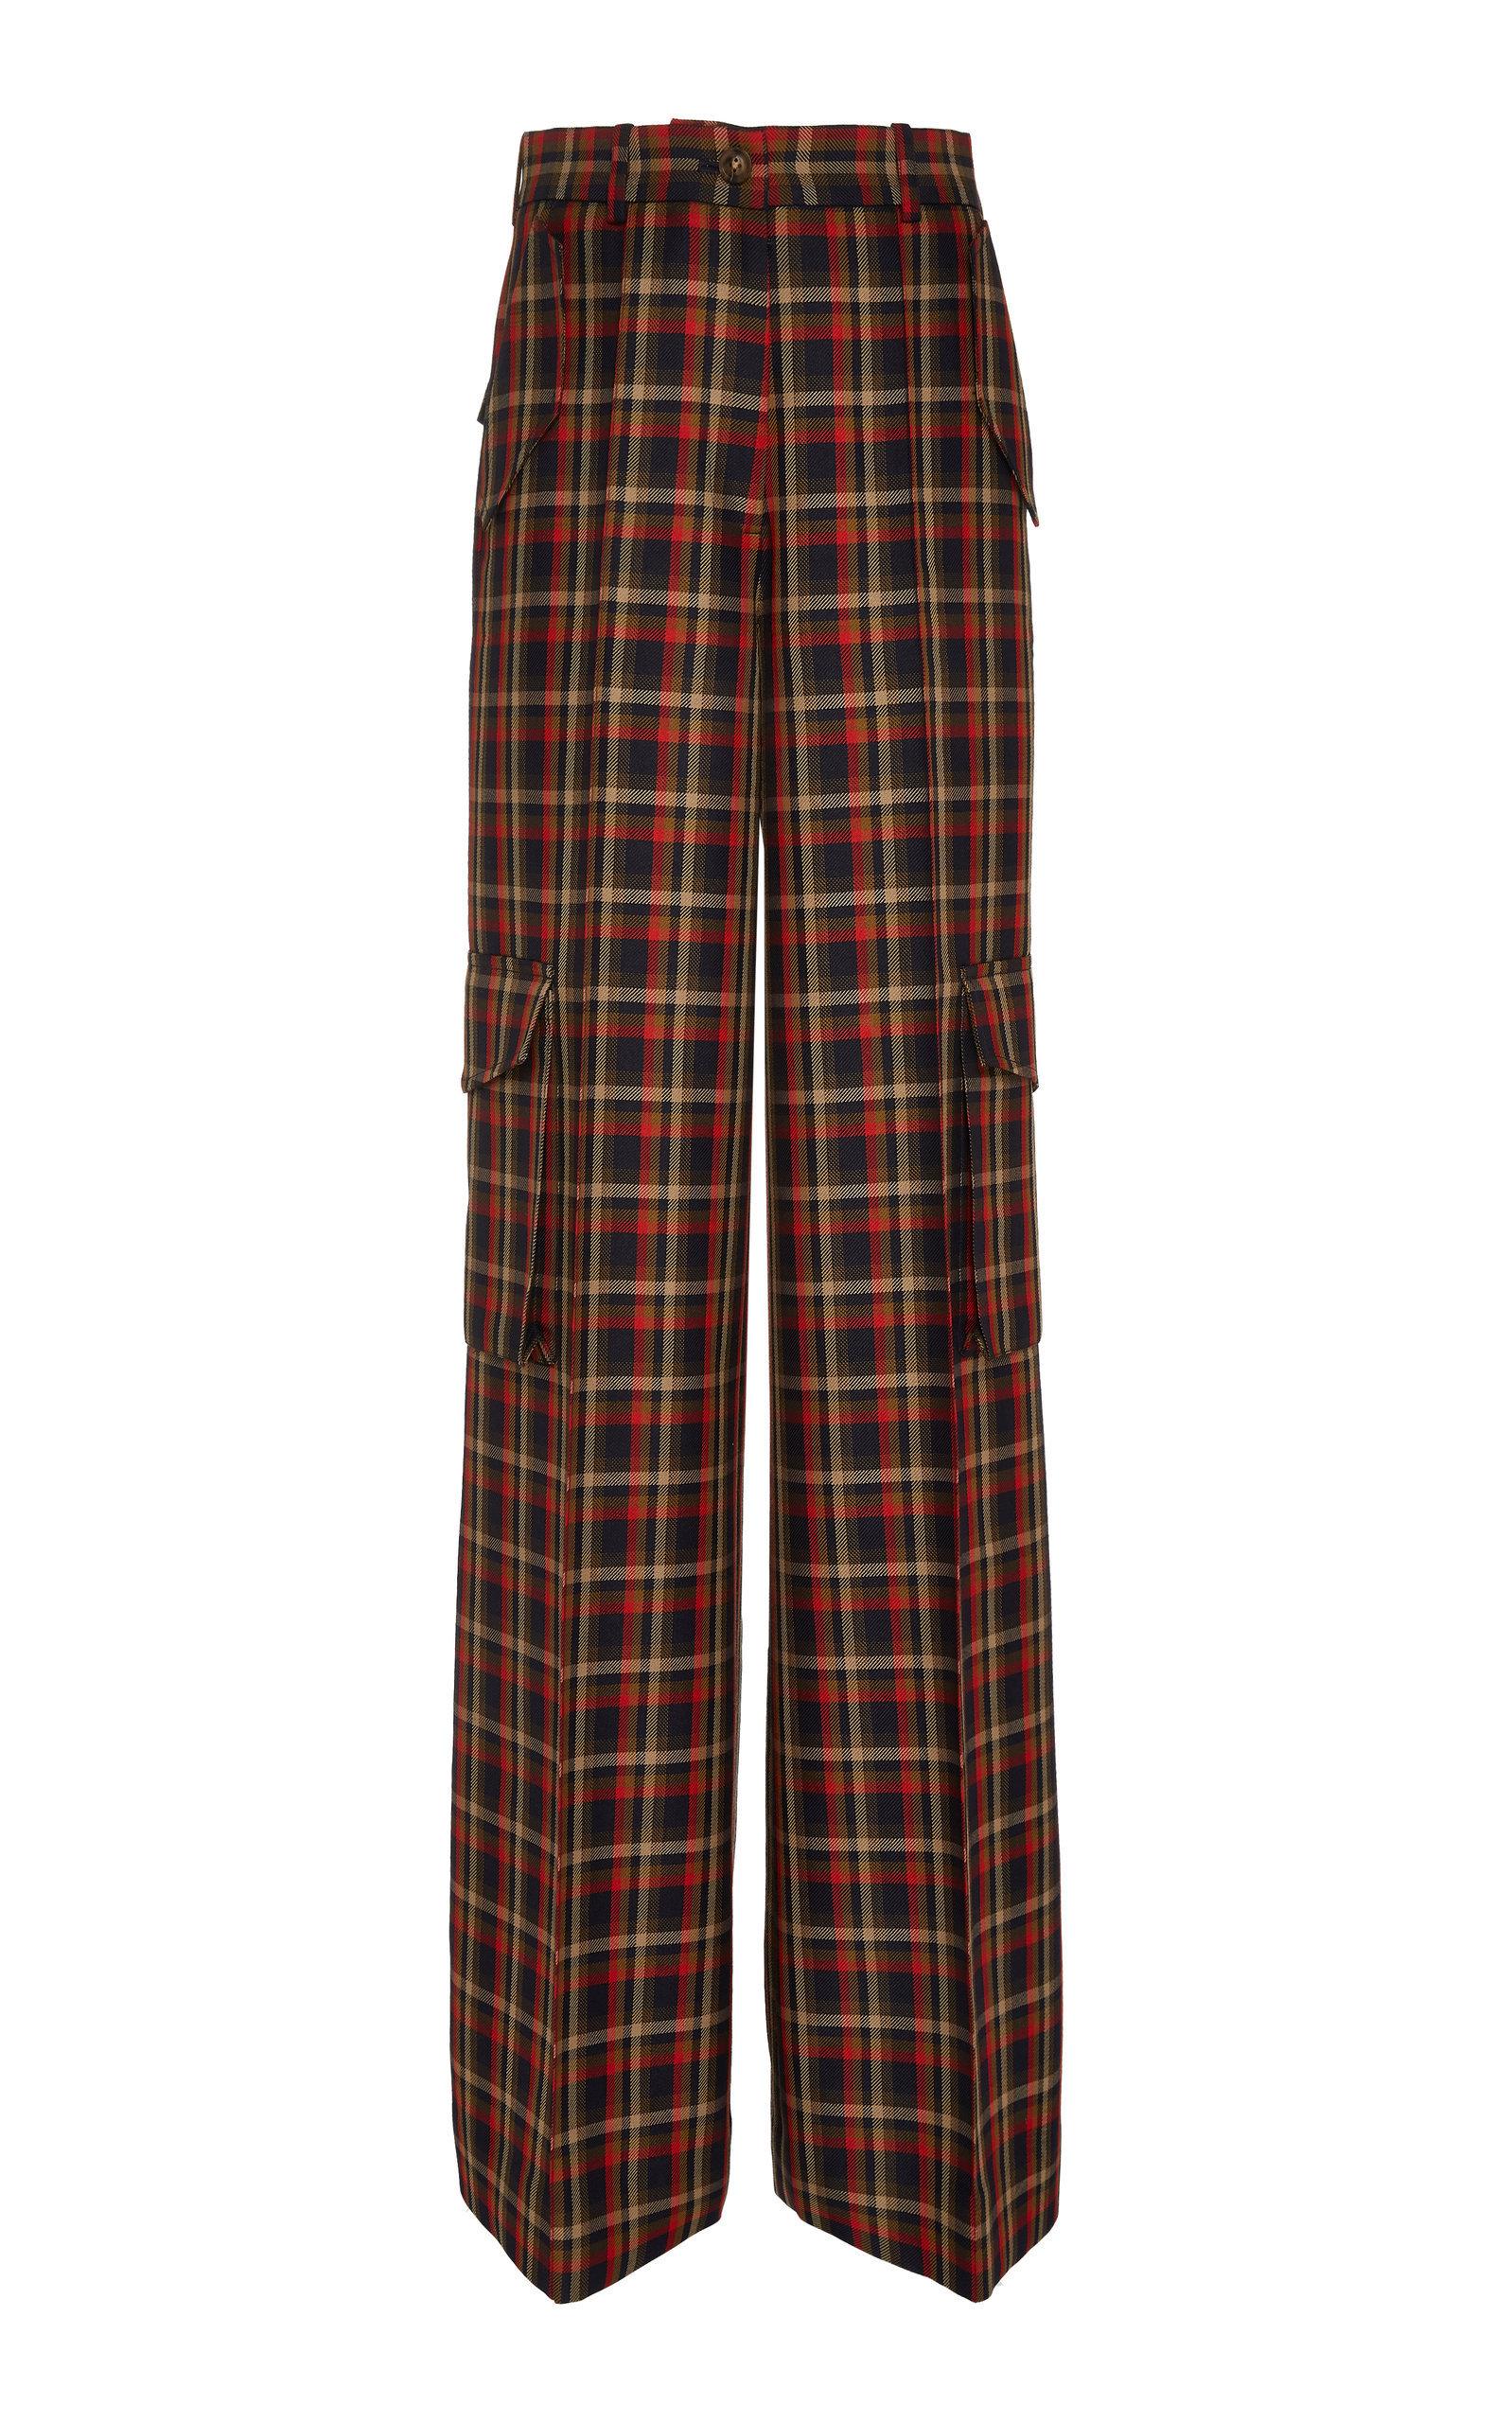 Bouguessa Printed Tweed Straight-leg Wool-blend Pants In Plaid